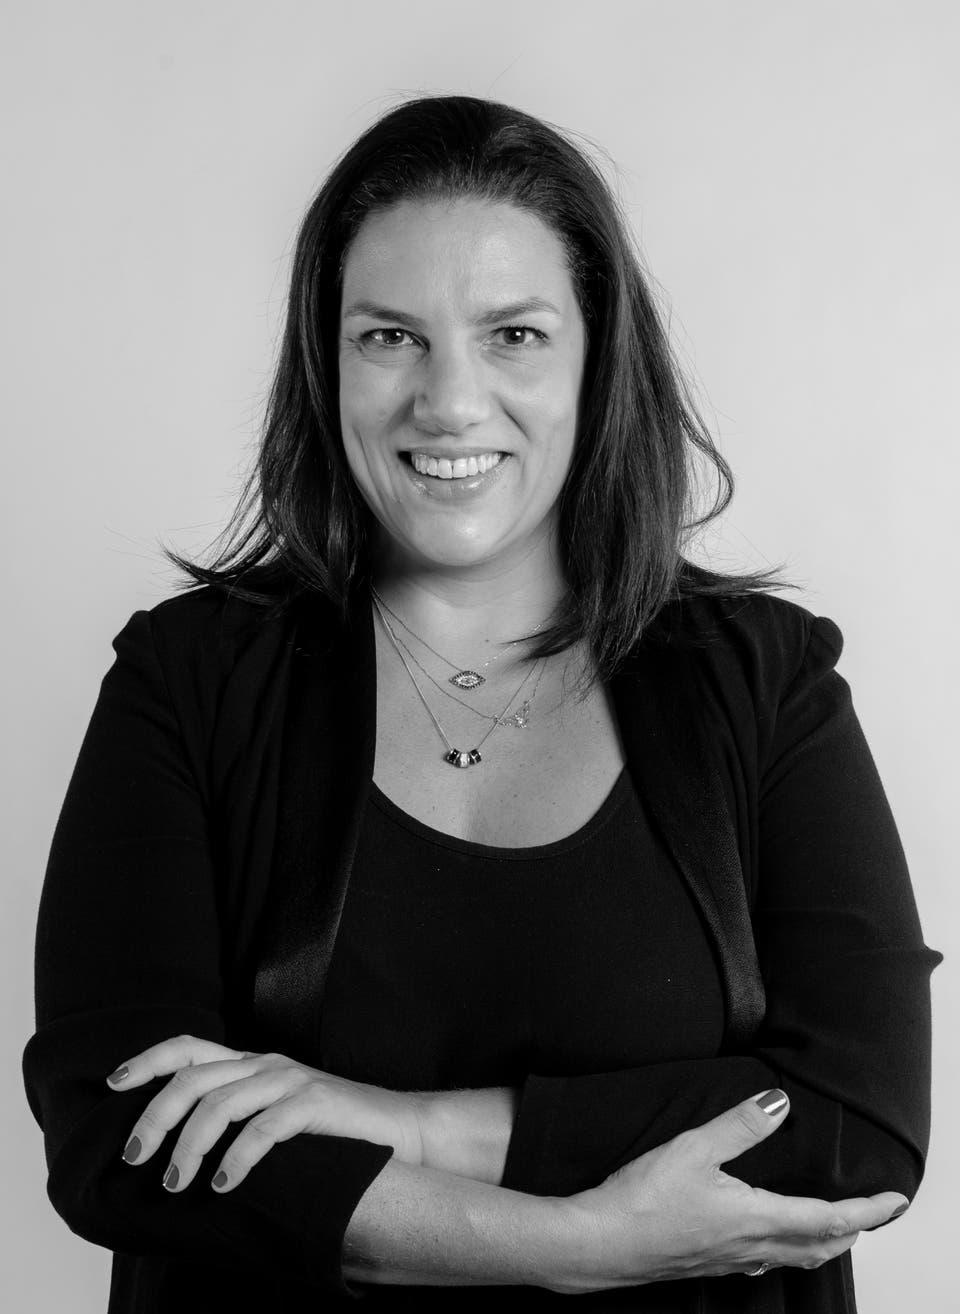 Diretora de Comunicação & Marketing da Dentsu Aegis Network Brasil